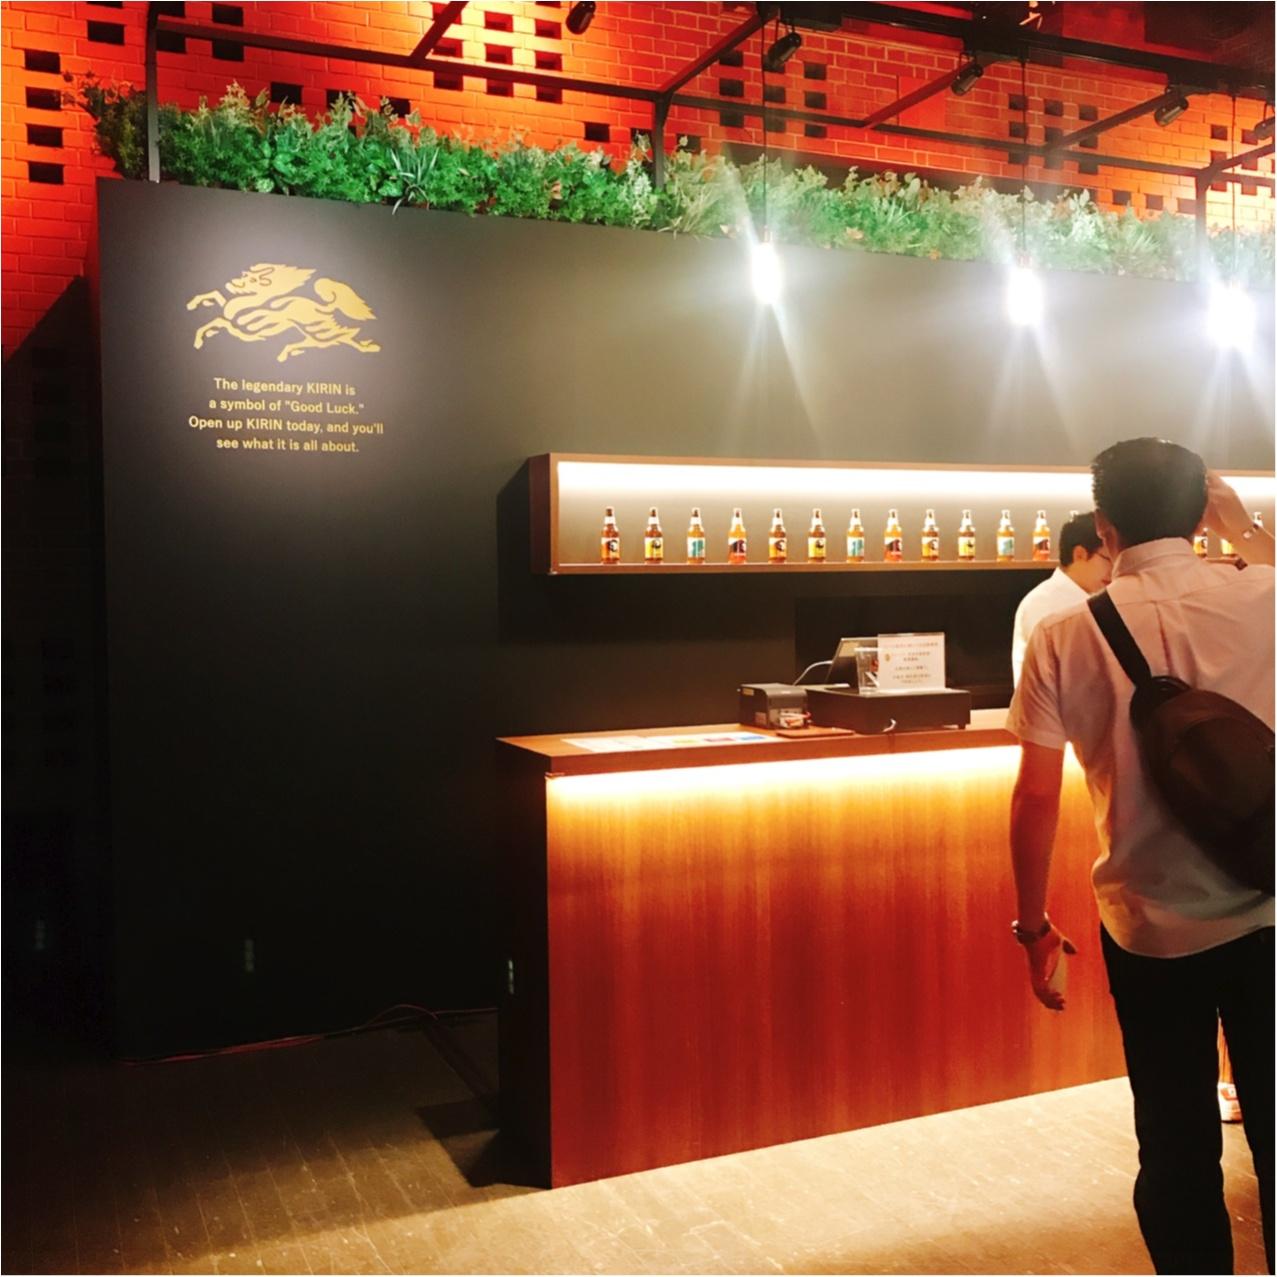 【#カンパイ展】ビールが飲めなくても楽しめるっ♡フォトジェニックな体験型エキシビジョン!_4